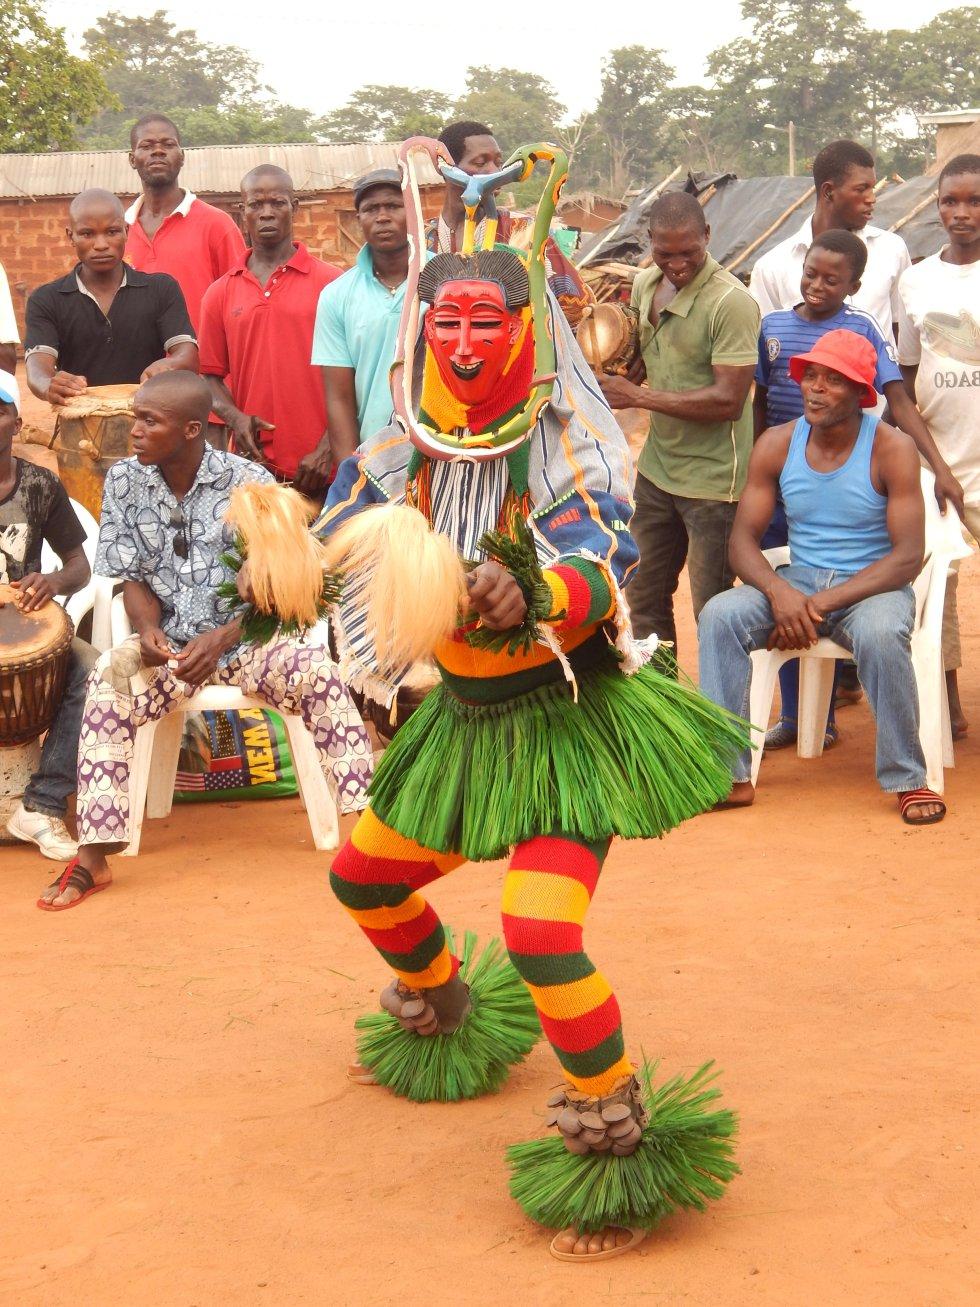 """La música y la danza populares denominadas """"zauli"""" son una práctica tradicional de las comunidades guro de la Costa de Marfil. Inspirada en dos máscaras llamadas """"blu"""" y """"djela"""", esta práctica cultural es un homenaje a la belleza de la mujer y agrupa en un mismo espectáculo diversas expresiones artísticas: escultura (máscaras), arte del tejido (indumentarias), música vocal e instrumental y danza. Portador de la identidad cultural de sus depositarios, este elemento del patrimonio cultural propicia la cohesión de las comunidades y contribuye a la protección del medio ambiente. La transmisión de esta práctica tradicional se efectúa mediante interpretaciones musicales y sesiones de aprendizaje, y su viabilidad la garantizan las frecuentes representaciones organizadas por las comunidades guro, así como los festivales y las competiciones de danza entre los pueblos de la región."""